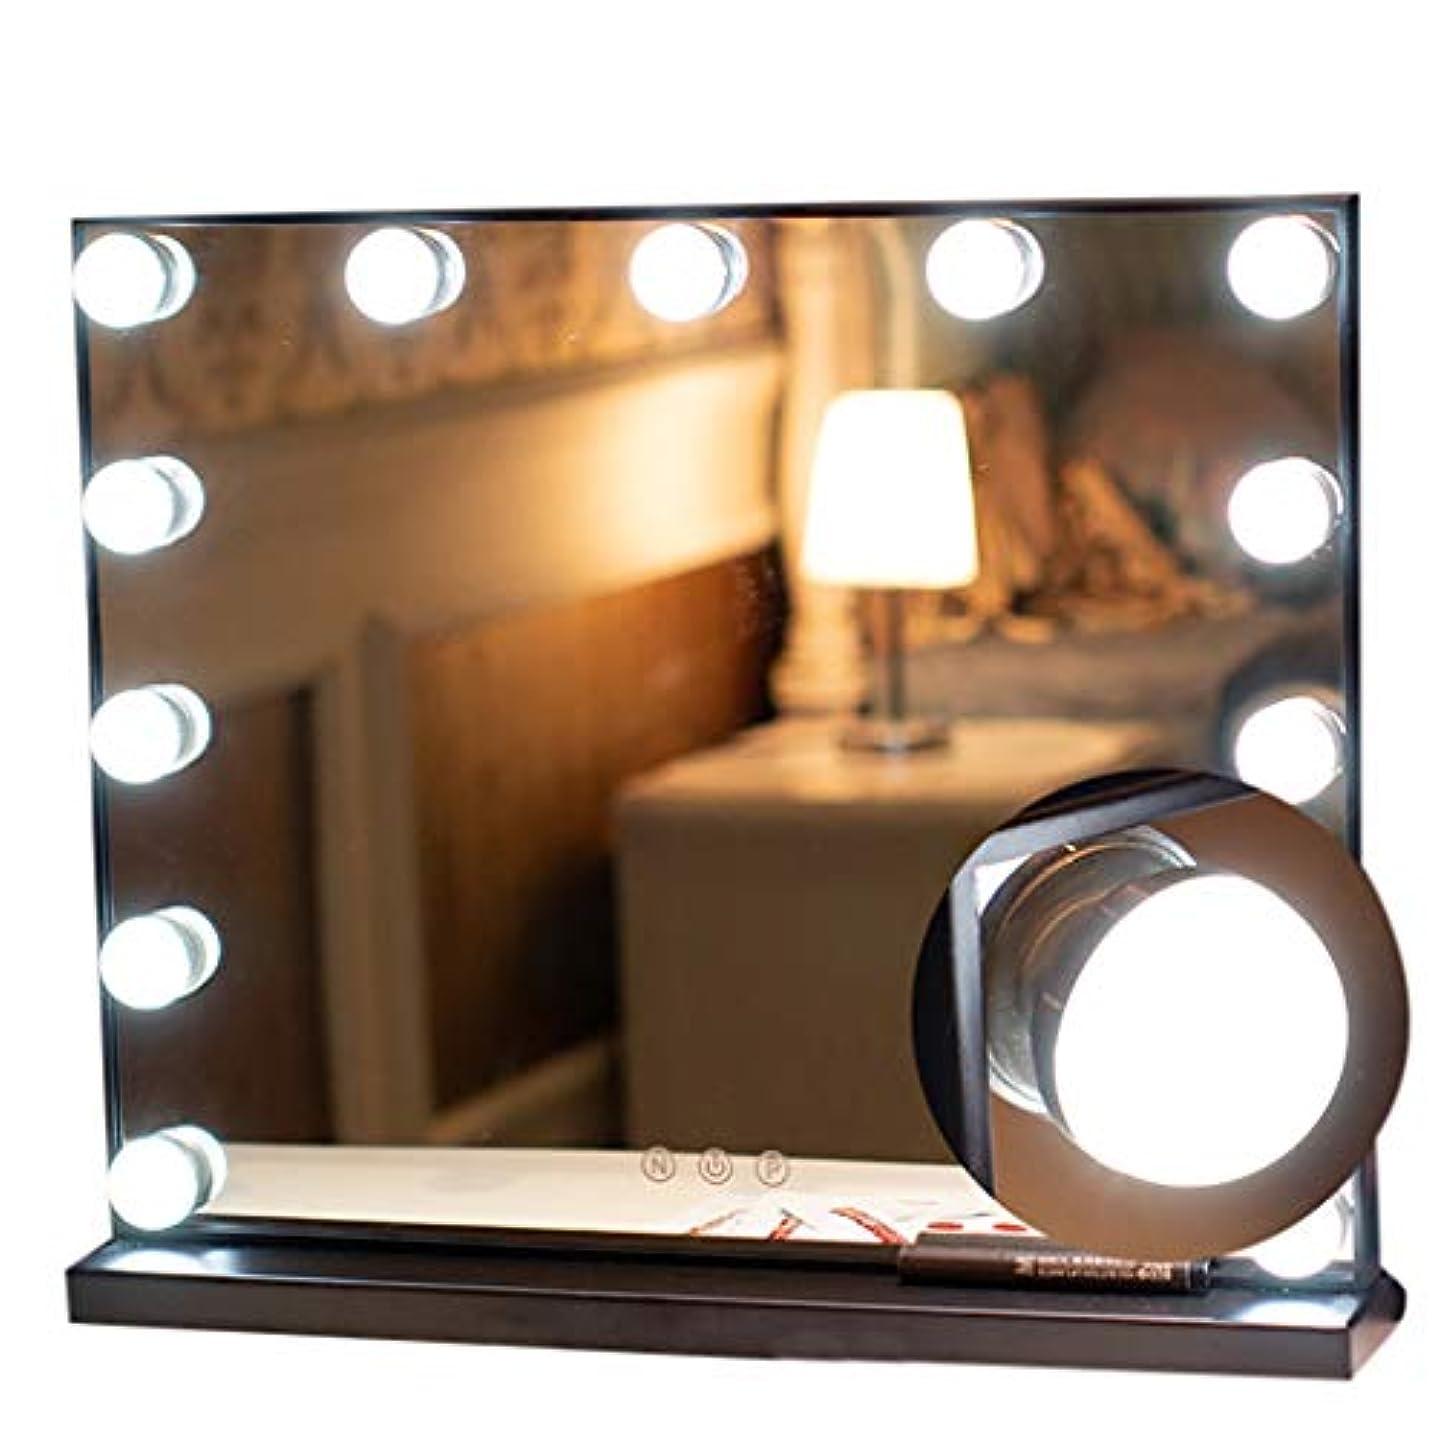 管理します最高永遠に明るいデスクトップの大きなメイクアップミラーHDの洗面化粧鏡のライトホームハリウッドスタイルのミラーキットバスルームの化粧テーブルミラー調光ライトセット